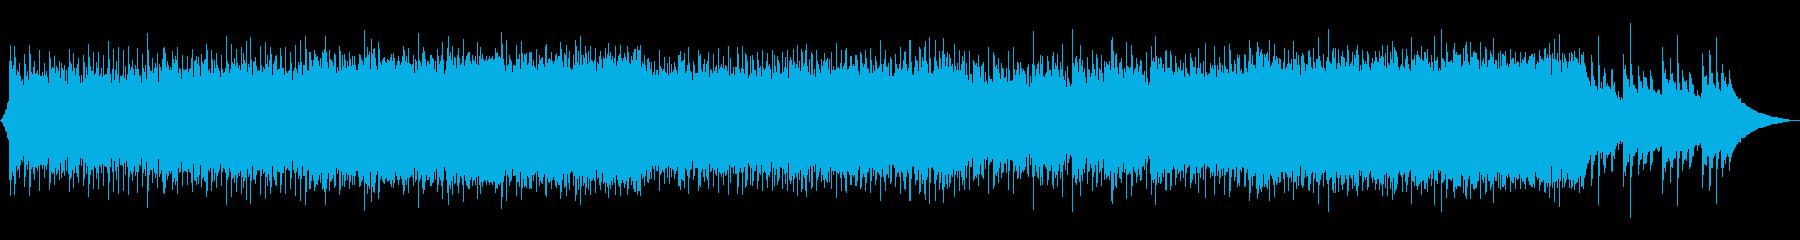 爽やかなアコースティック・ロックの再生済みの波形